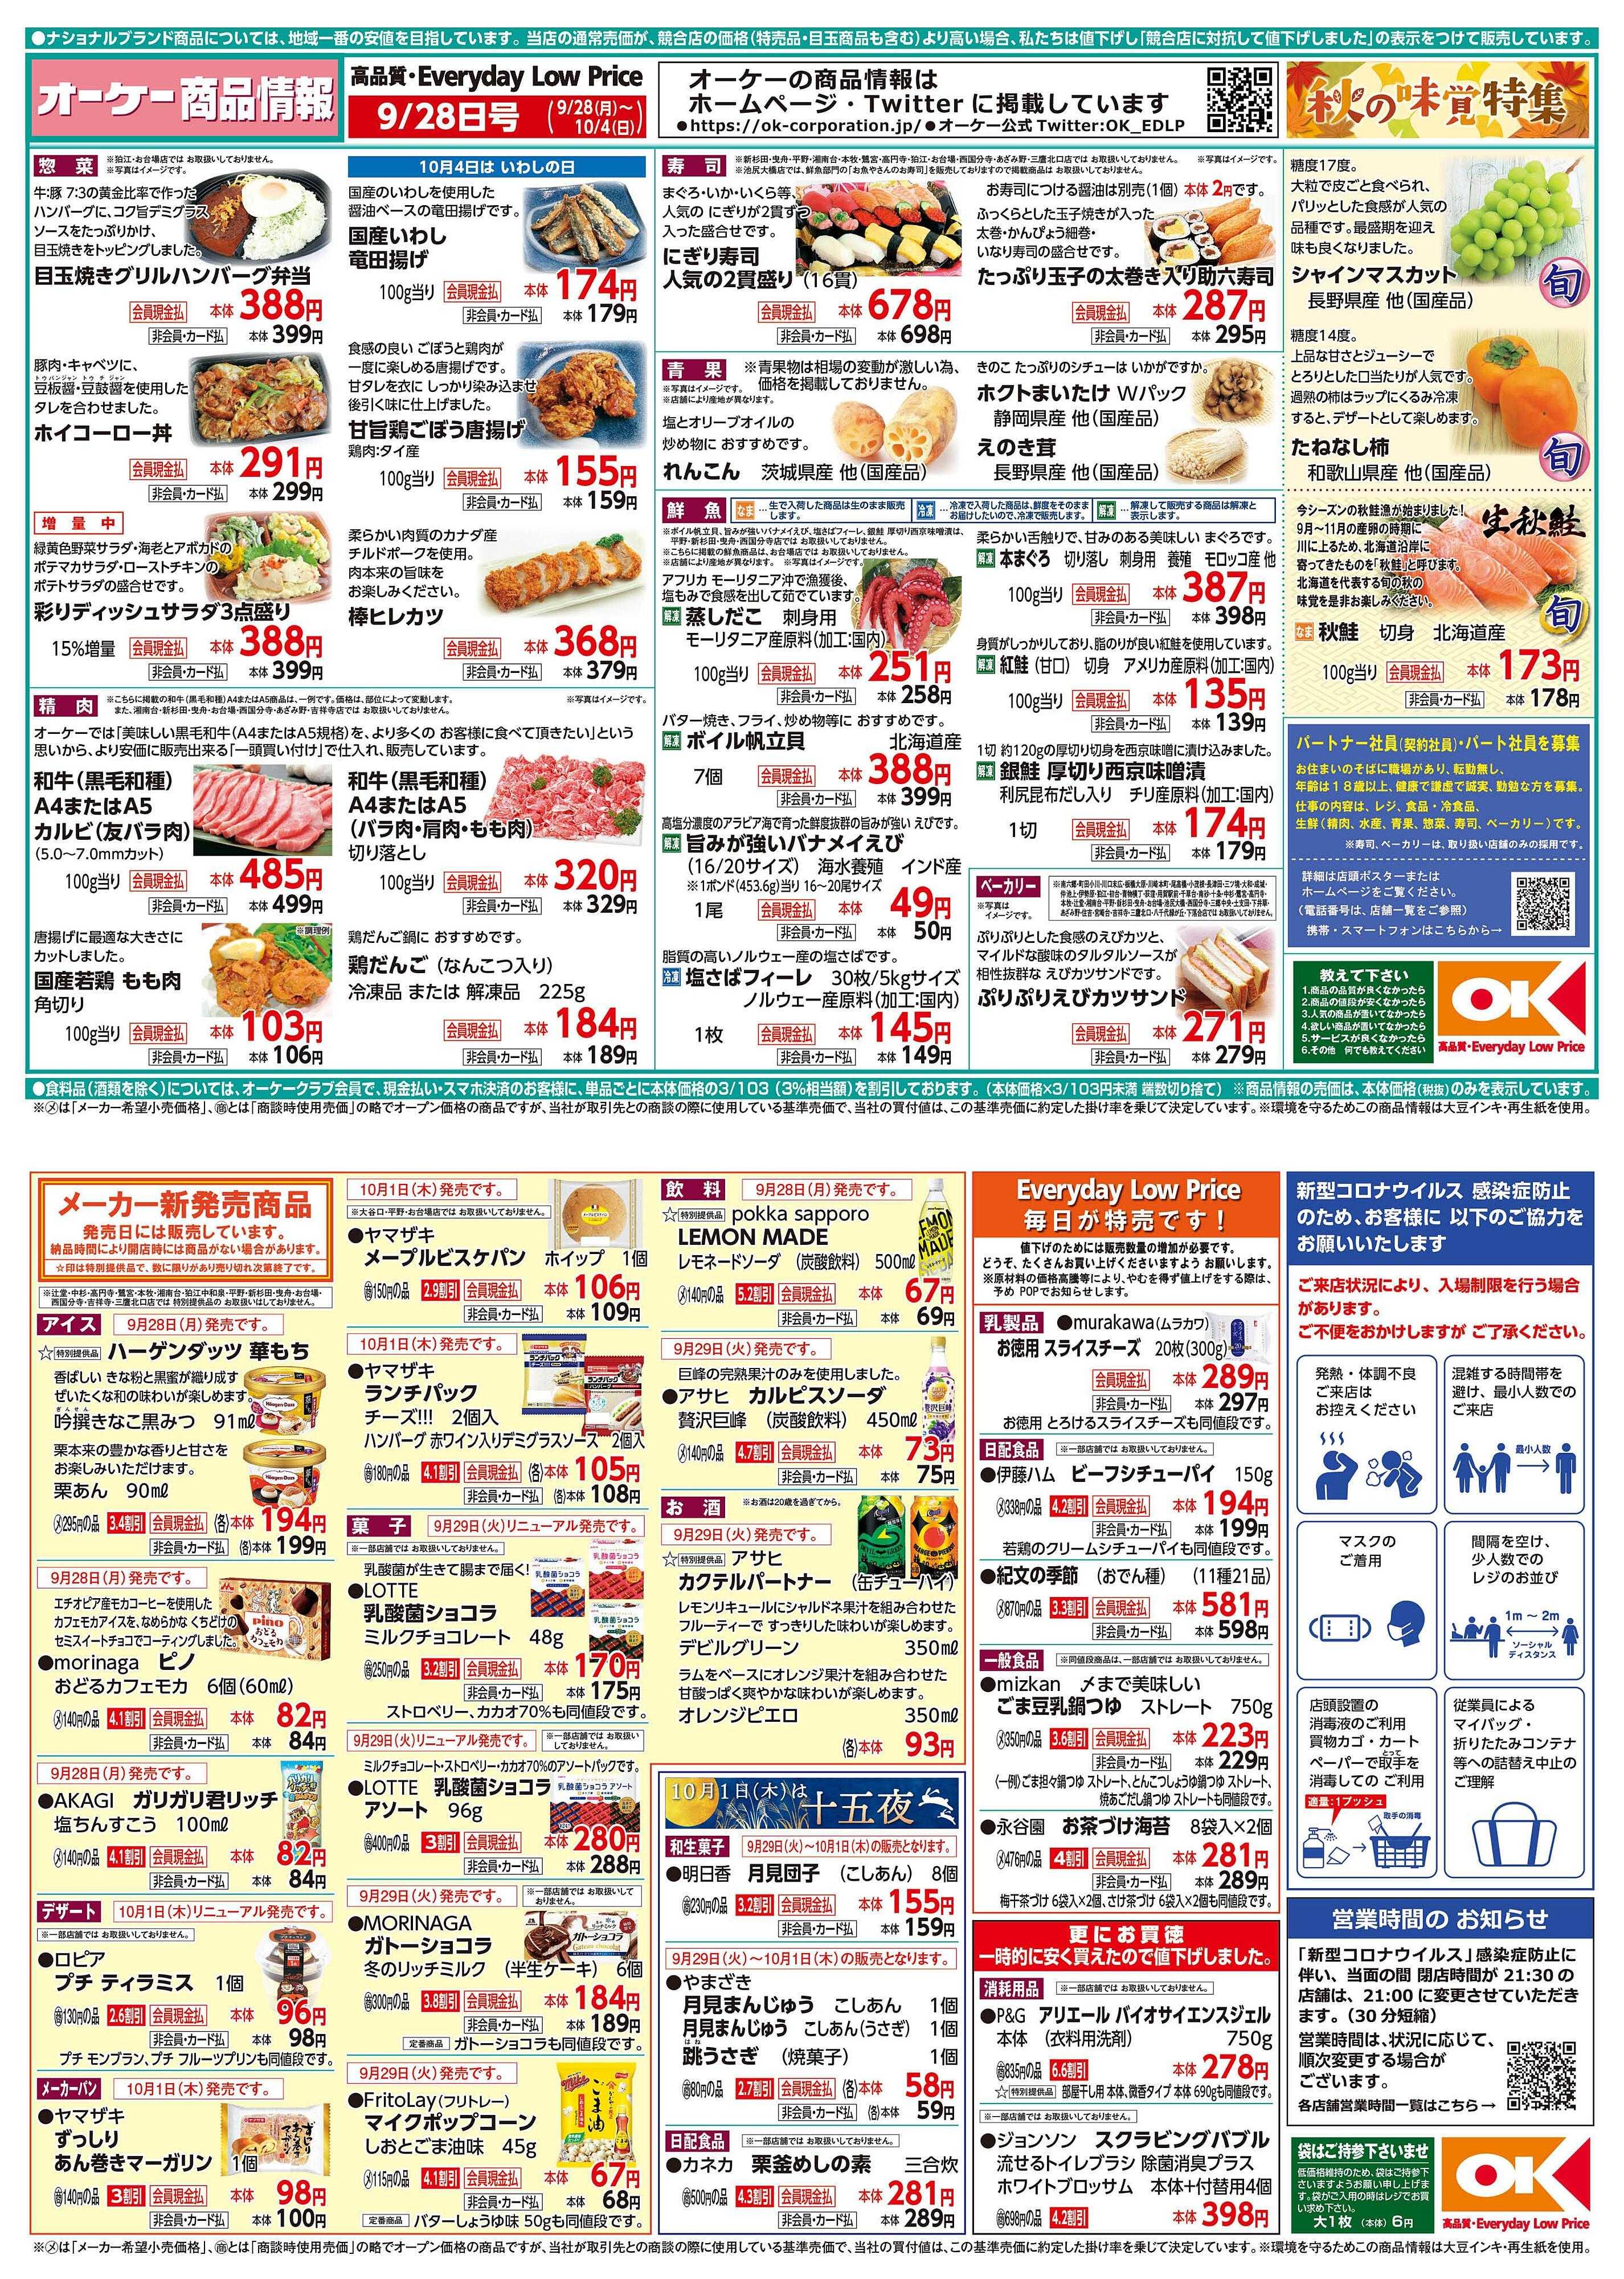 オーケー 商品情報紙9月28日号